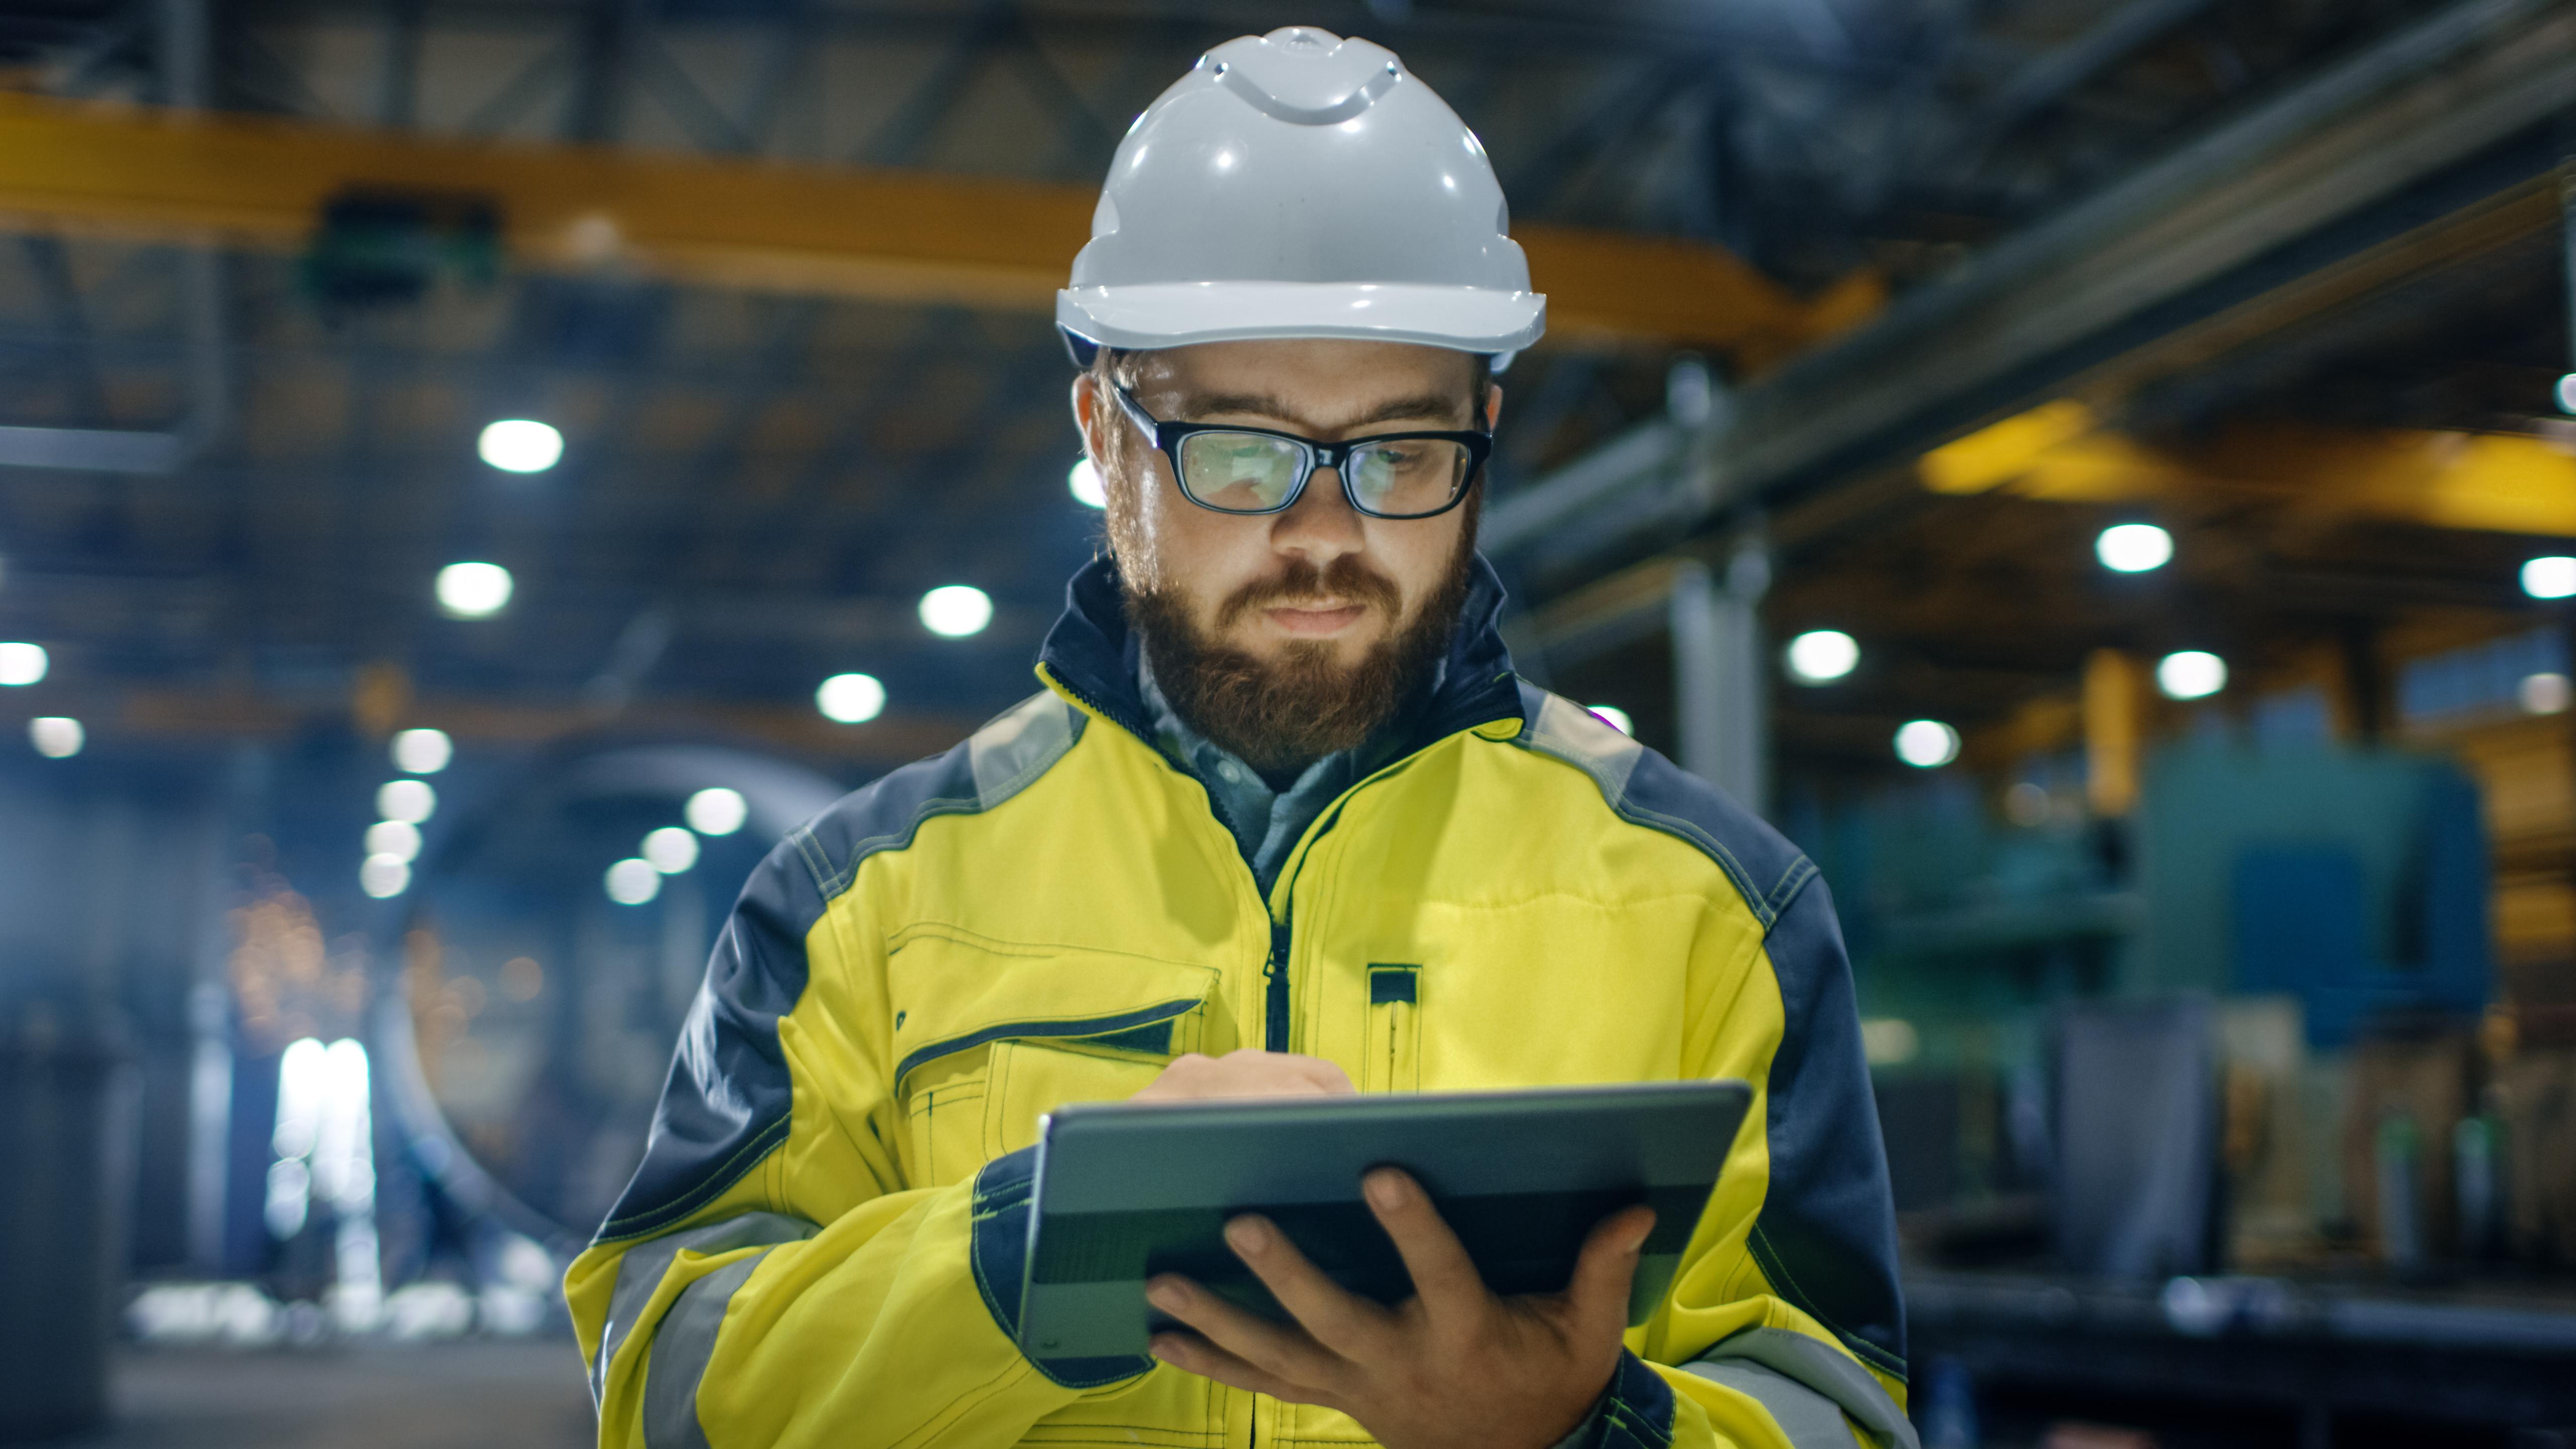 Rapportering af nærved-ulykker er vigtig for at reducere arbejdsulykker